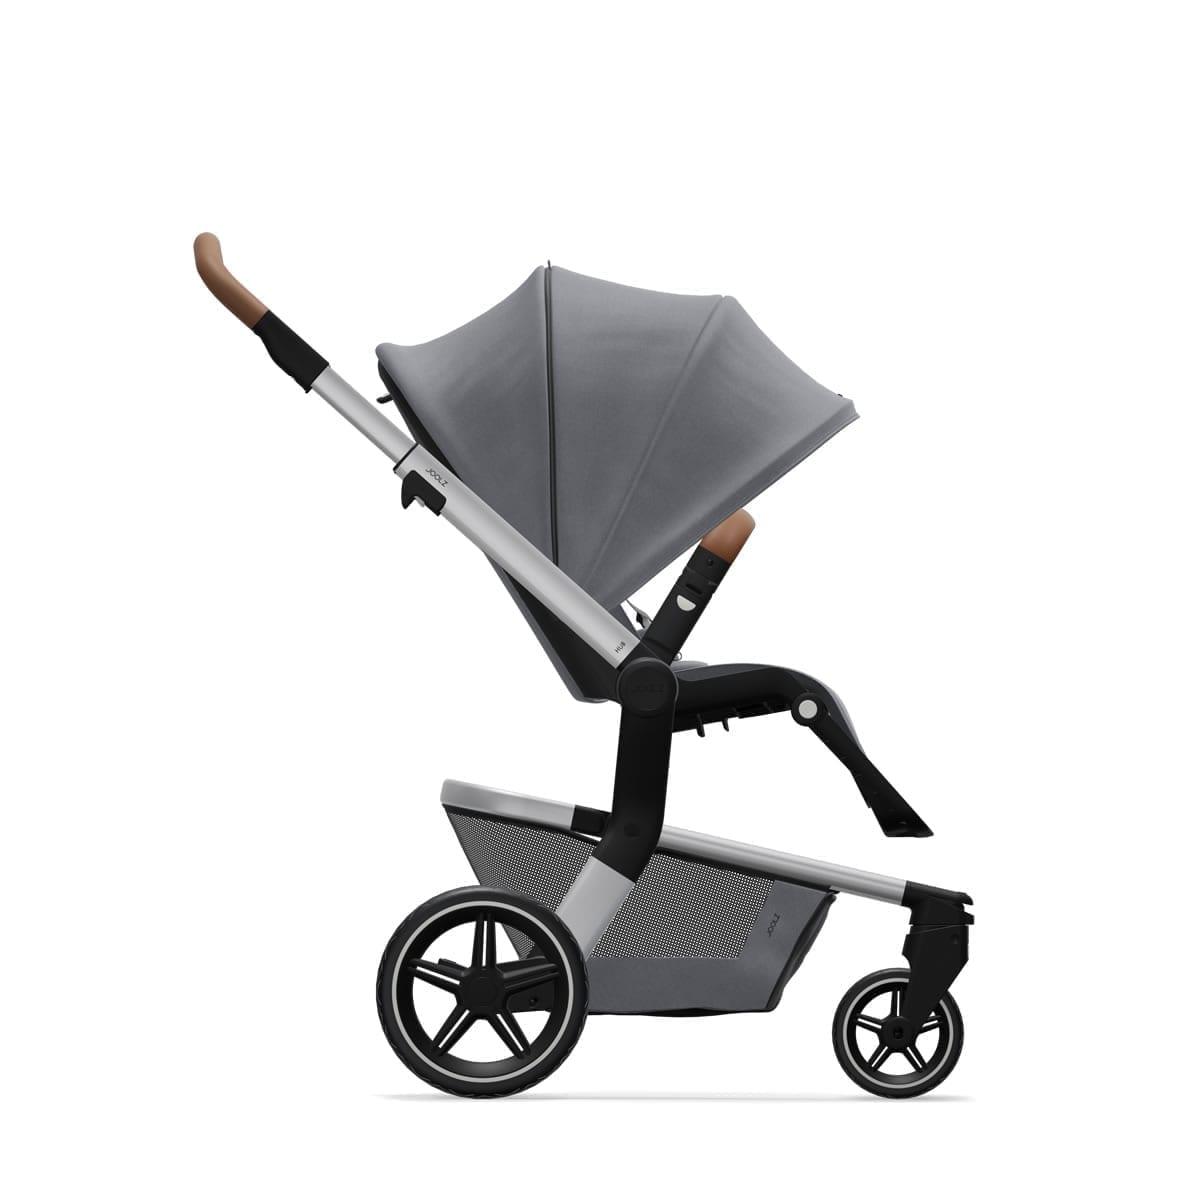 Joolz Hub+ Stroller Gorgeous Grey